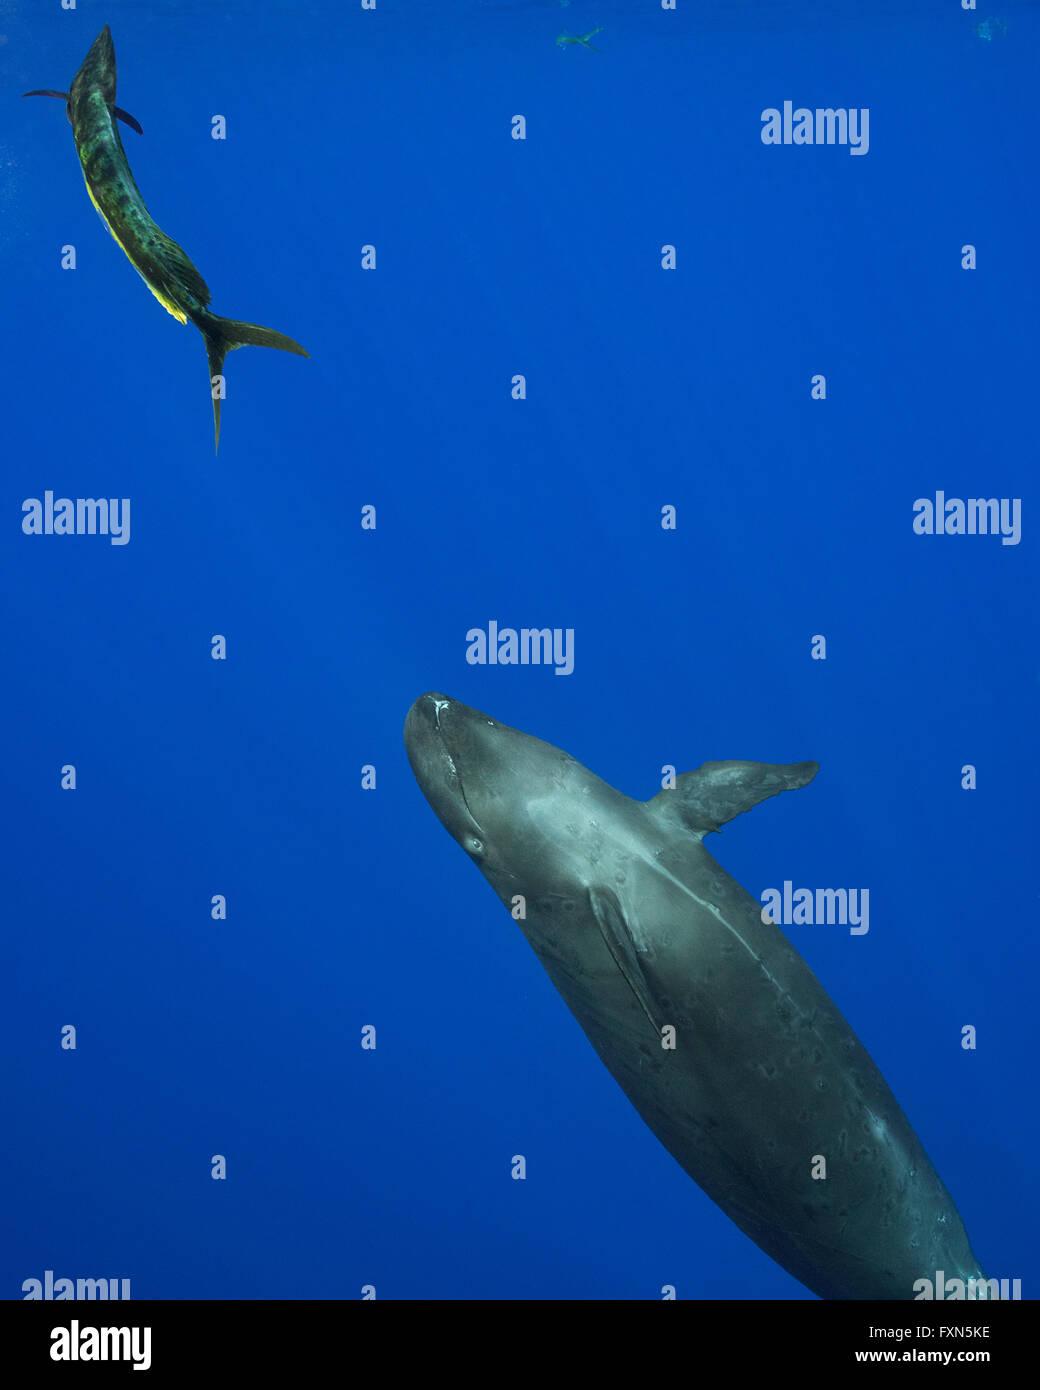 Pseudorca o falsa orca, Pseudorca crassidens, persiguiendo asustados, dorado, mahi-mahi, mahimahi, mahi mahi o dolphin Imagen De Stock